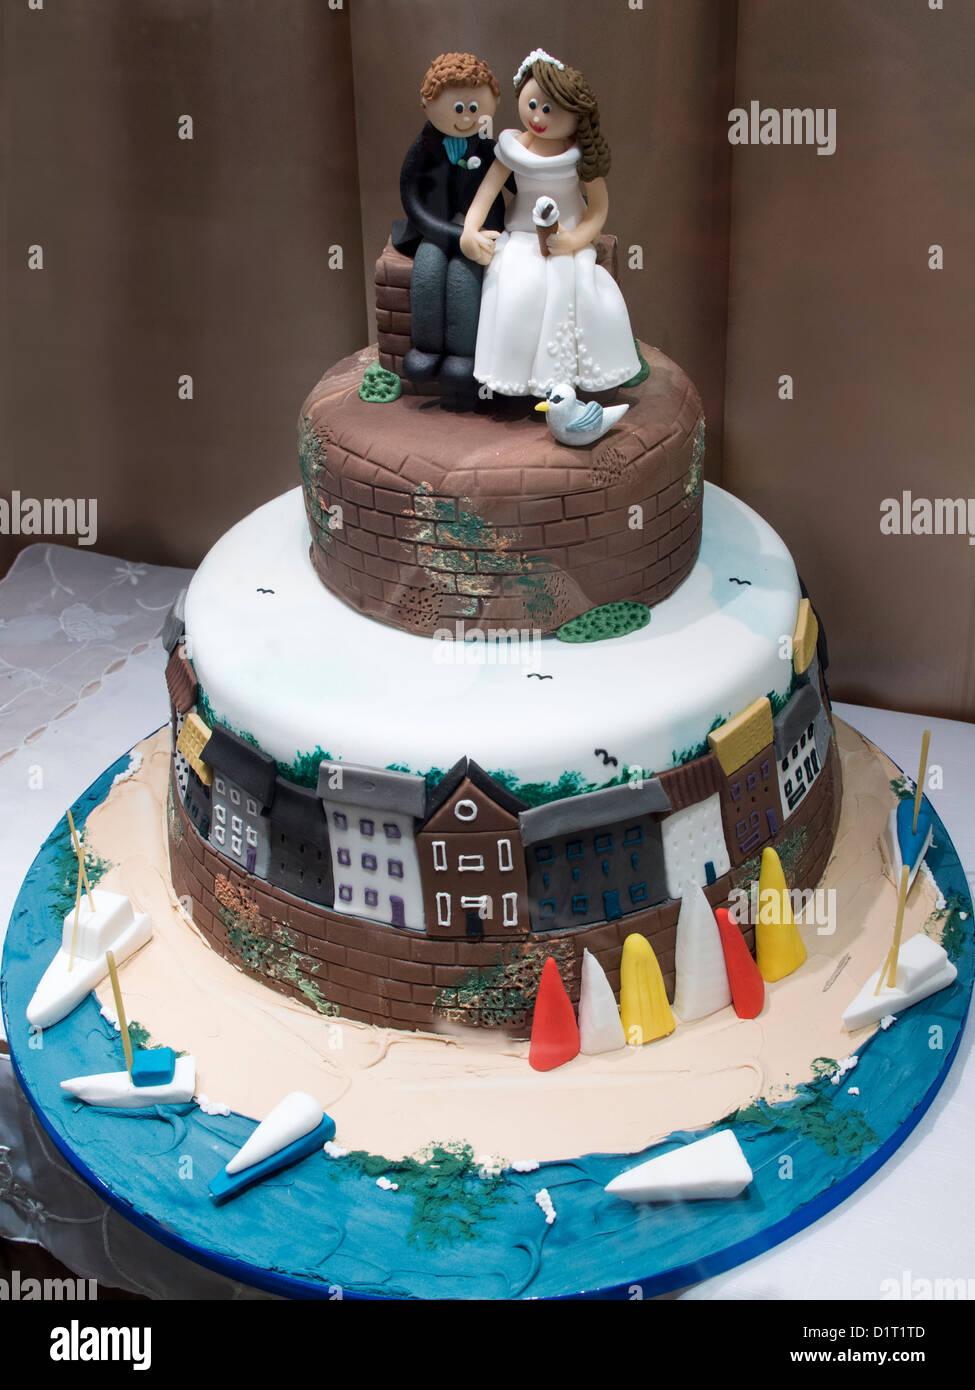 Wedding Cake Decoration Shop Oxford Covered Market 2 Stock Photo - Selfridges Wedding Cakes